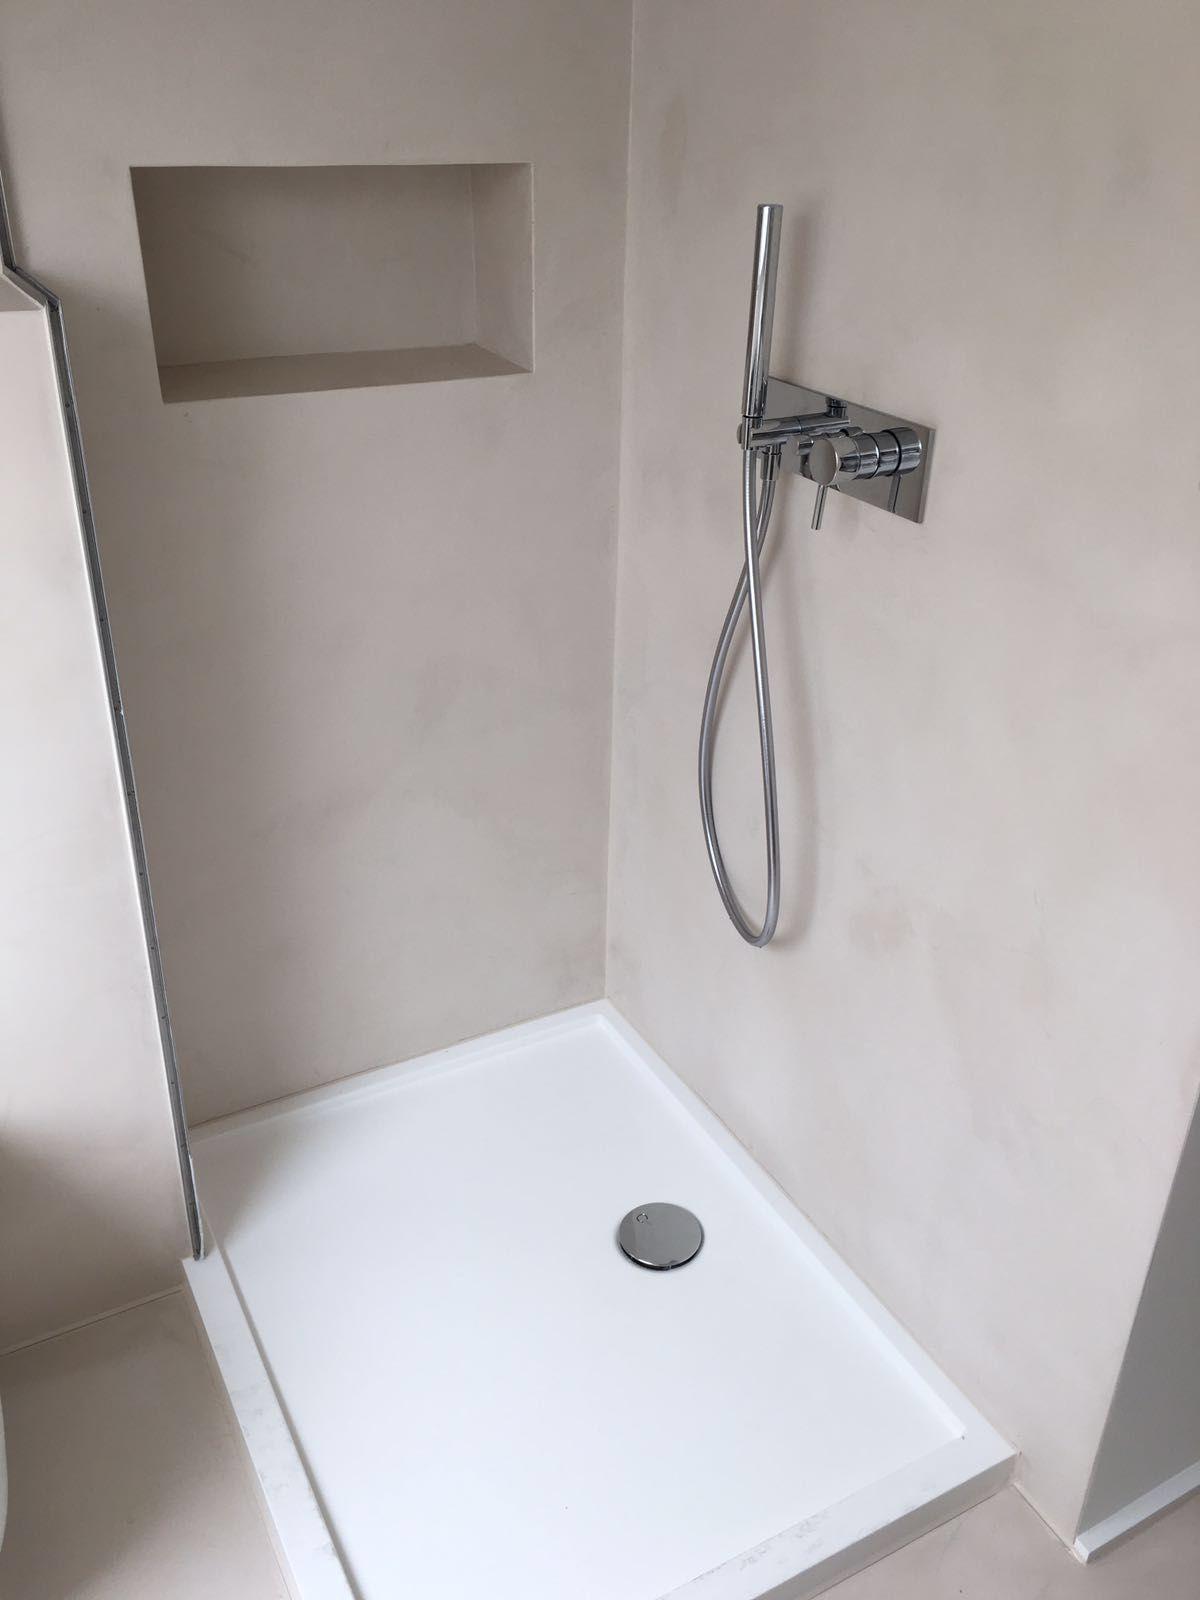 Badezimmer Ohne Fliesen Badezimmer Fliesen Ohne In 2020